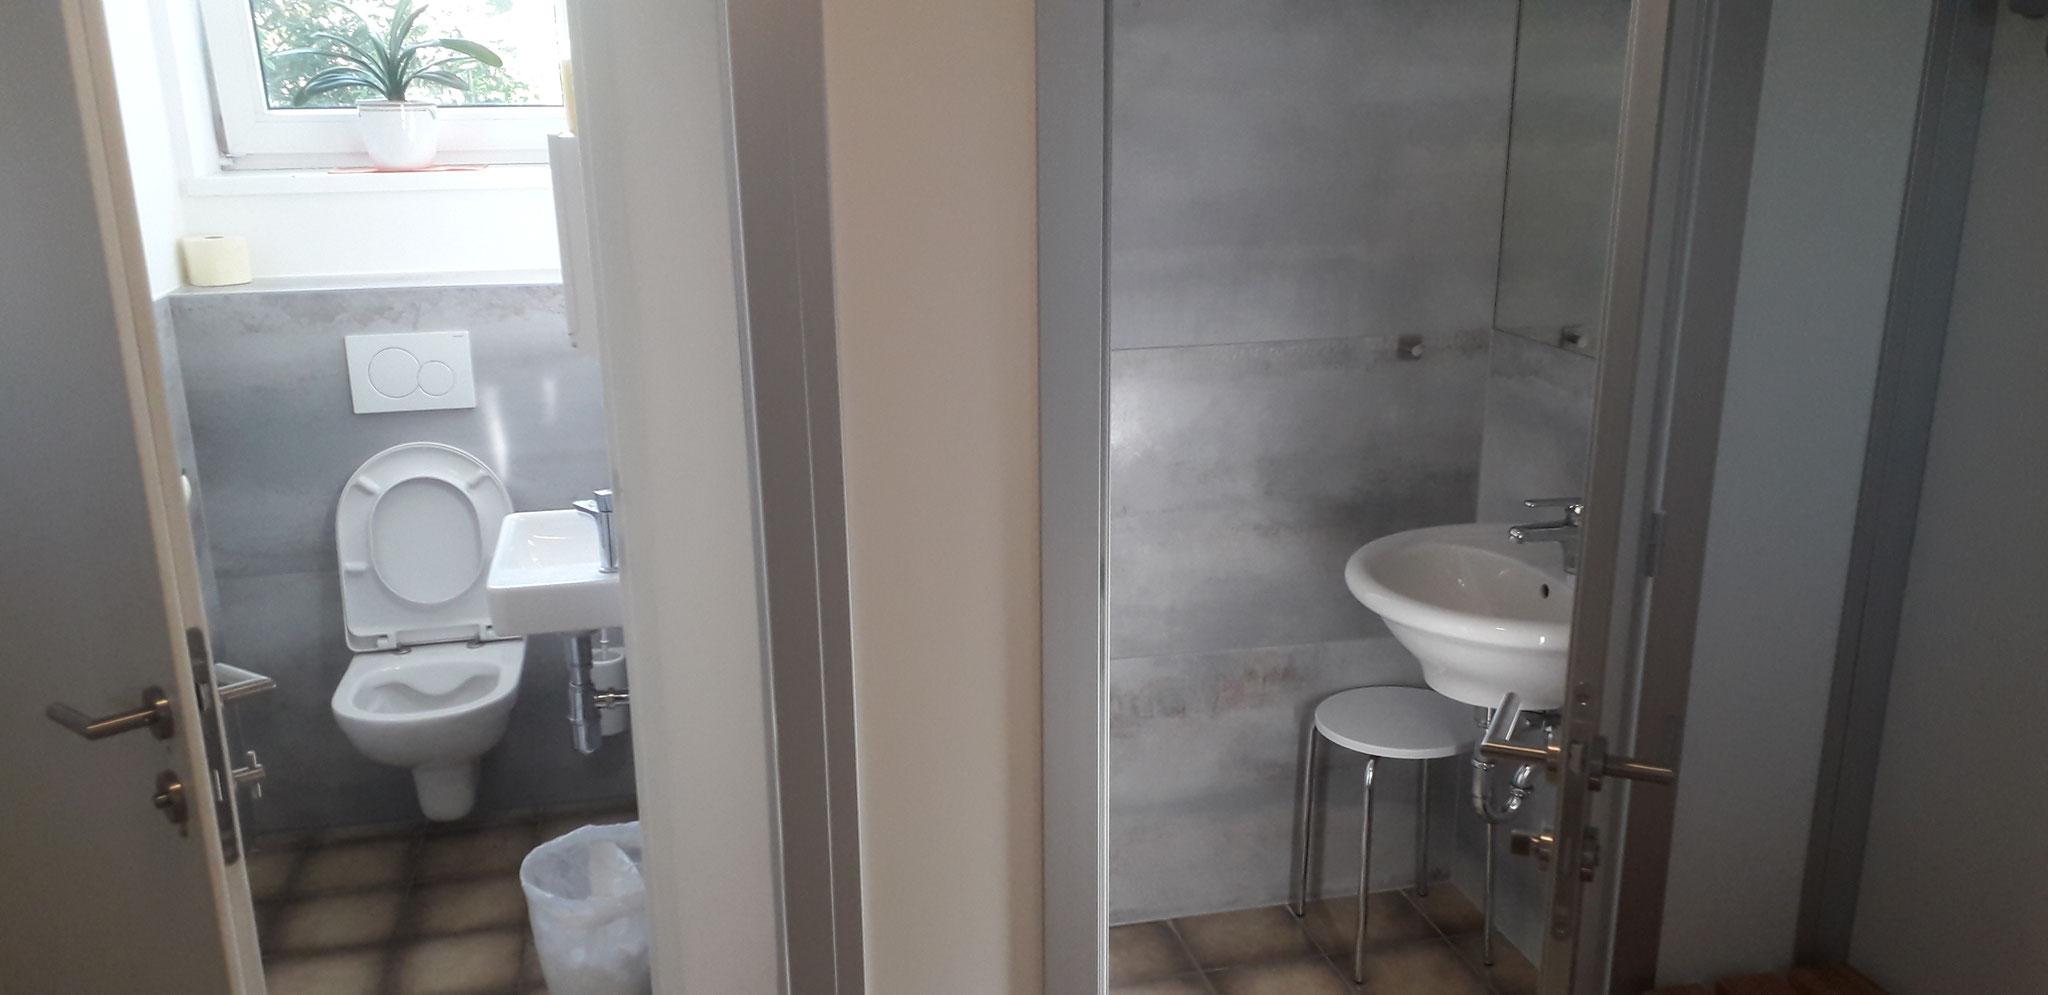 Neue Duschen und WC Anlagen